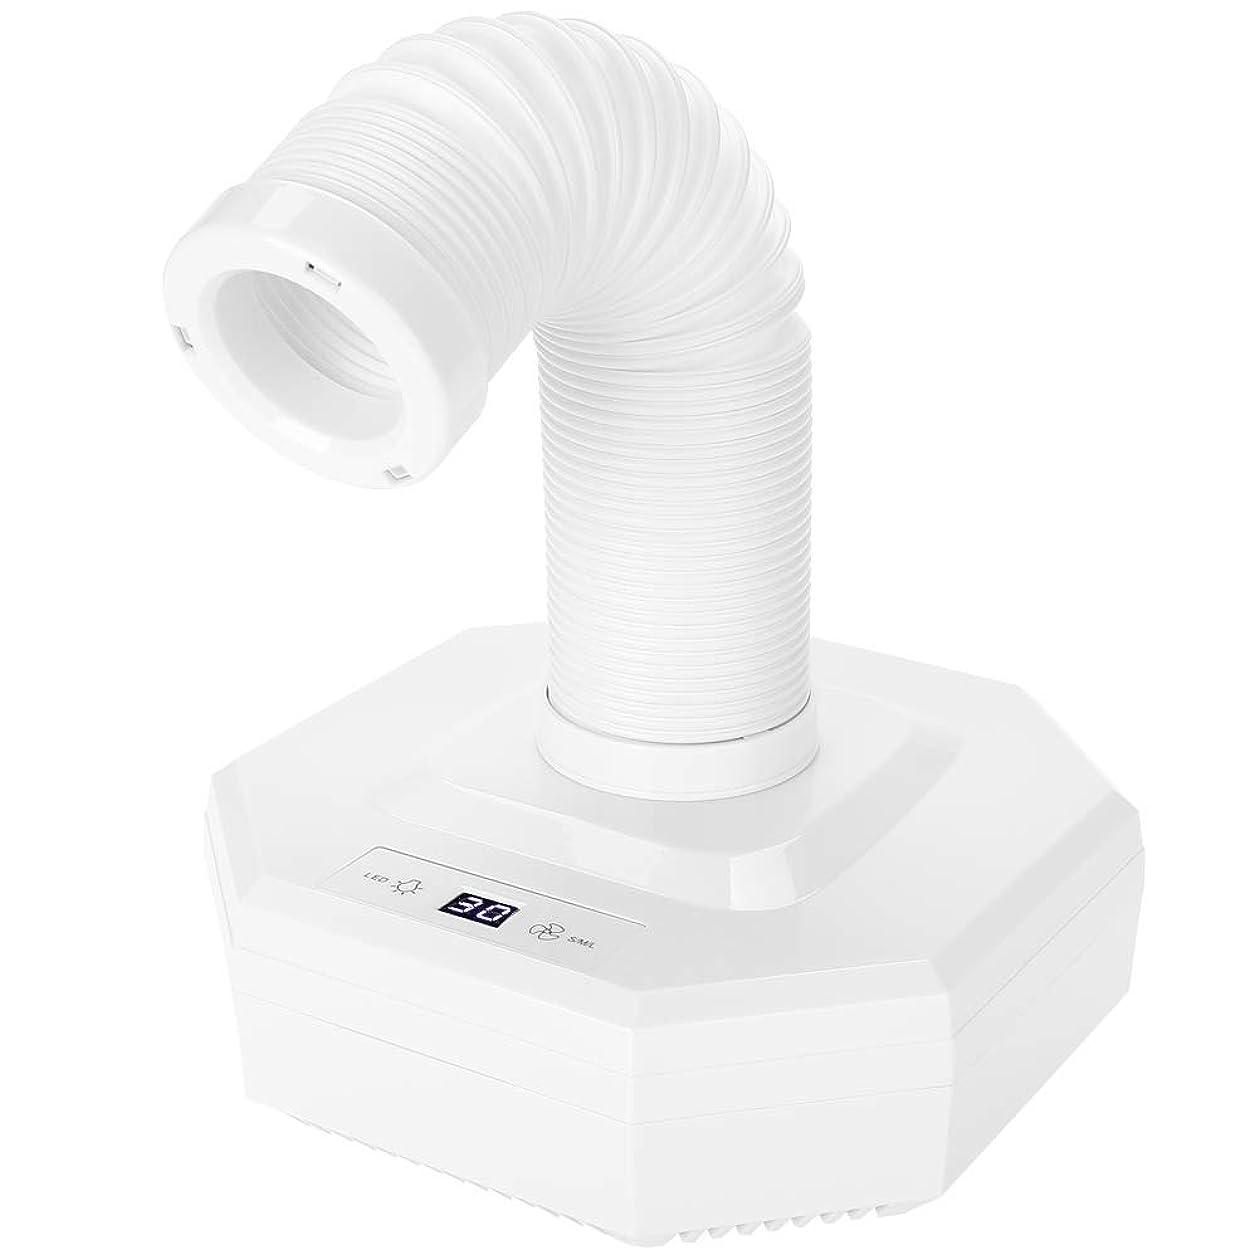 評決お金ゴムメイドネイルダストコレクター 掃除機 ネイルダスト掃除機 ネイル集塵機 ネイルダストコレクター ネイルケア用 ネイルダスト ネイルダスト収納 3連ファン 強力 低騒音(01#)